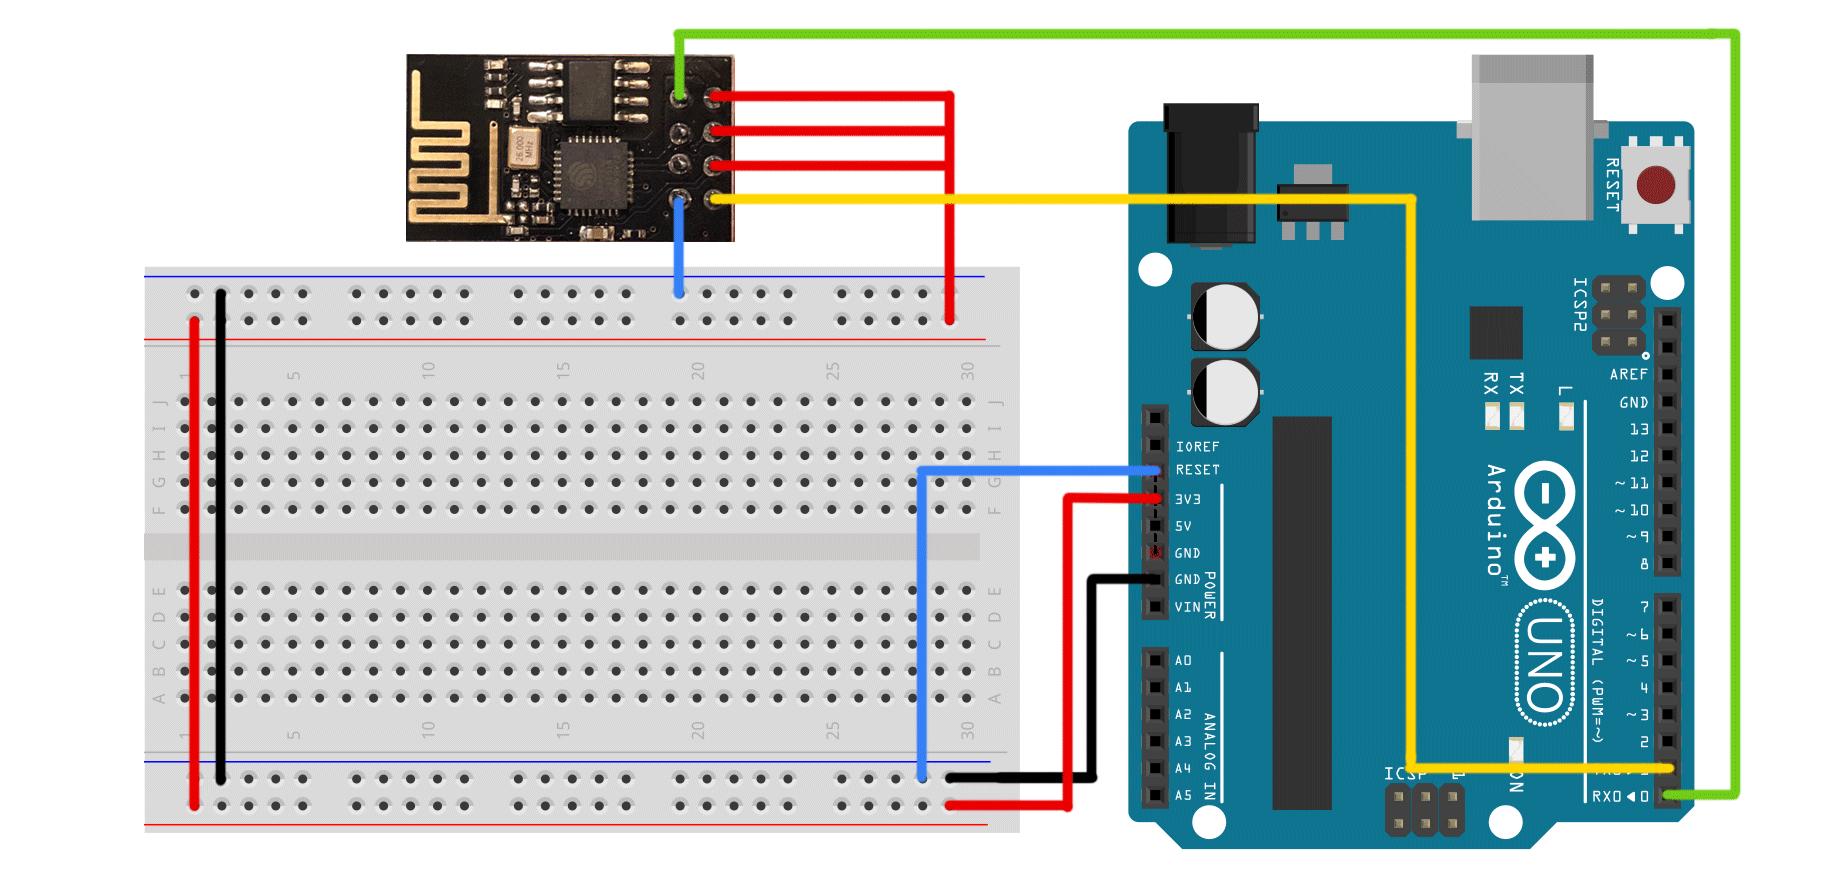 怎样用ESP8266为Arduino或树莓派提供无身形就这样向着后面推去线功能